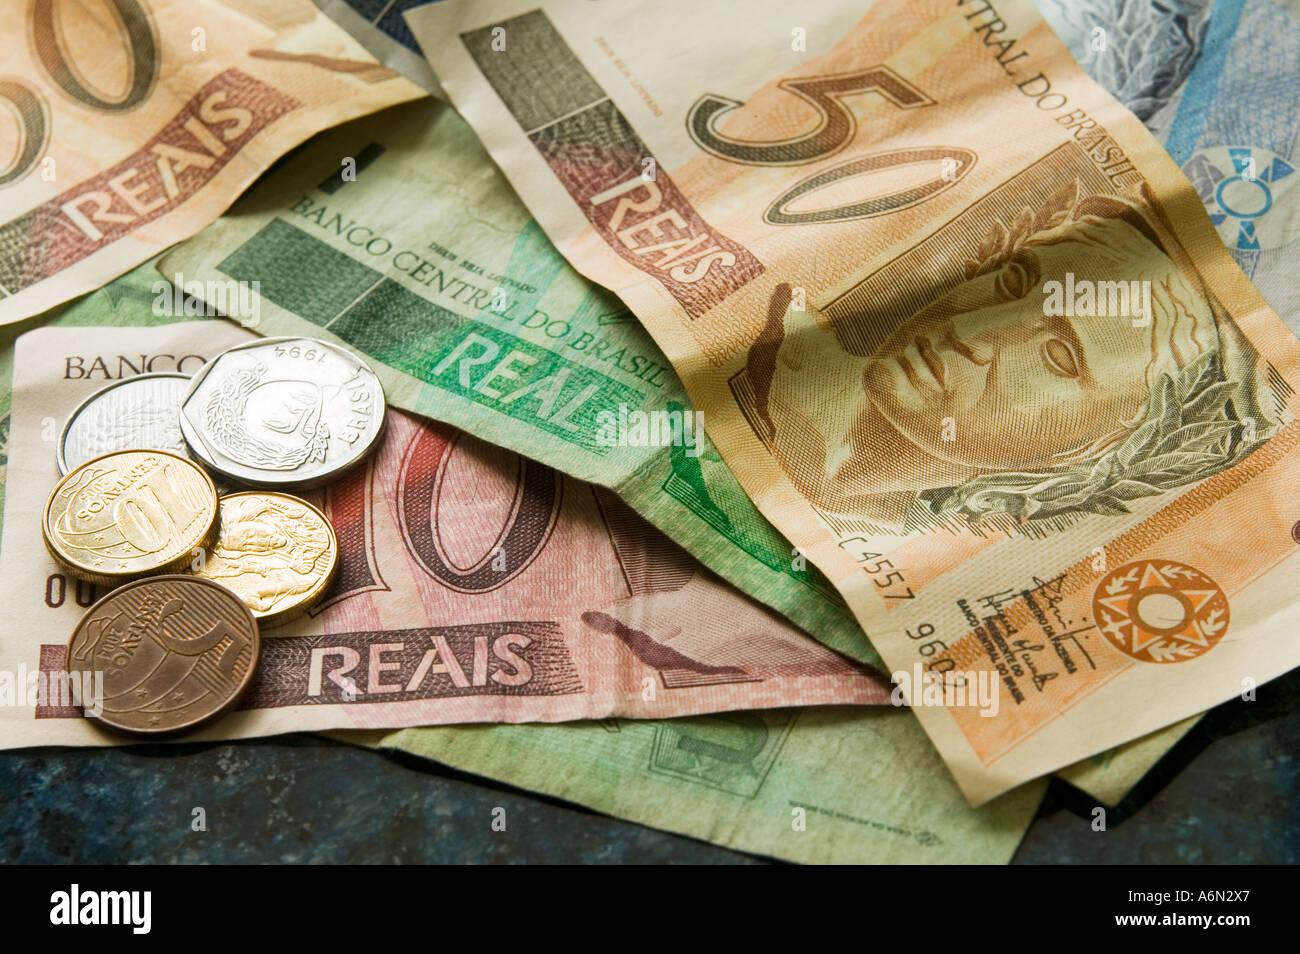 Real Money Brazil